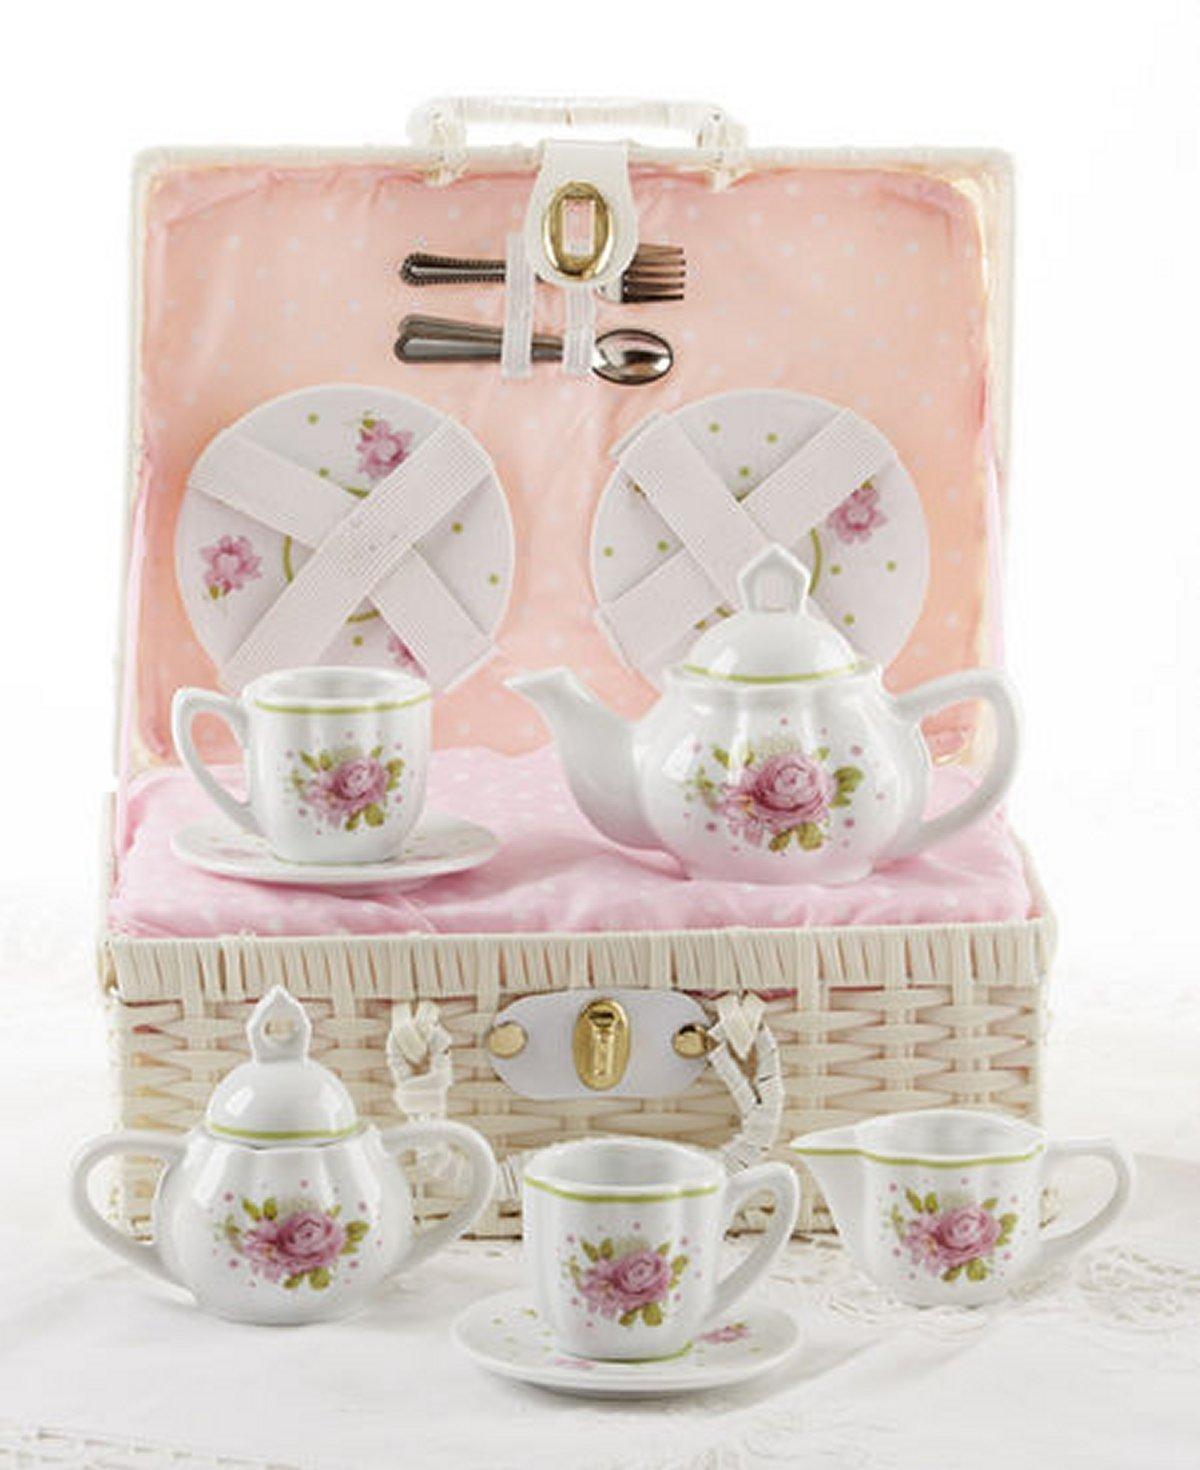 Delton Products Pink Rose Pattern Porcelain Child Tea for 2 Tea Set/Basket